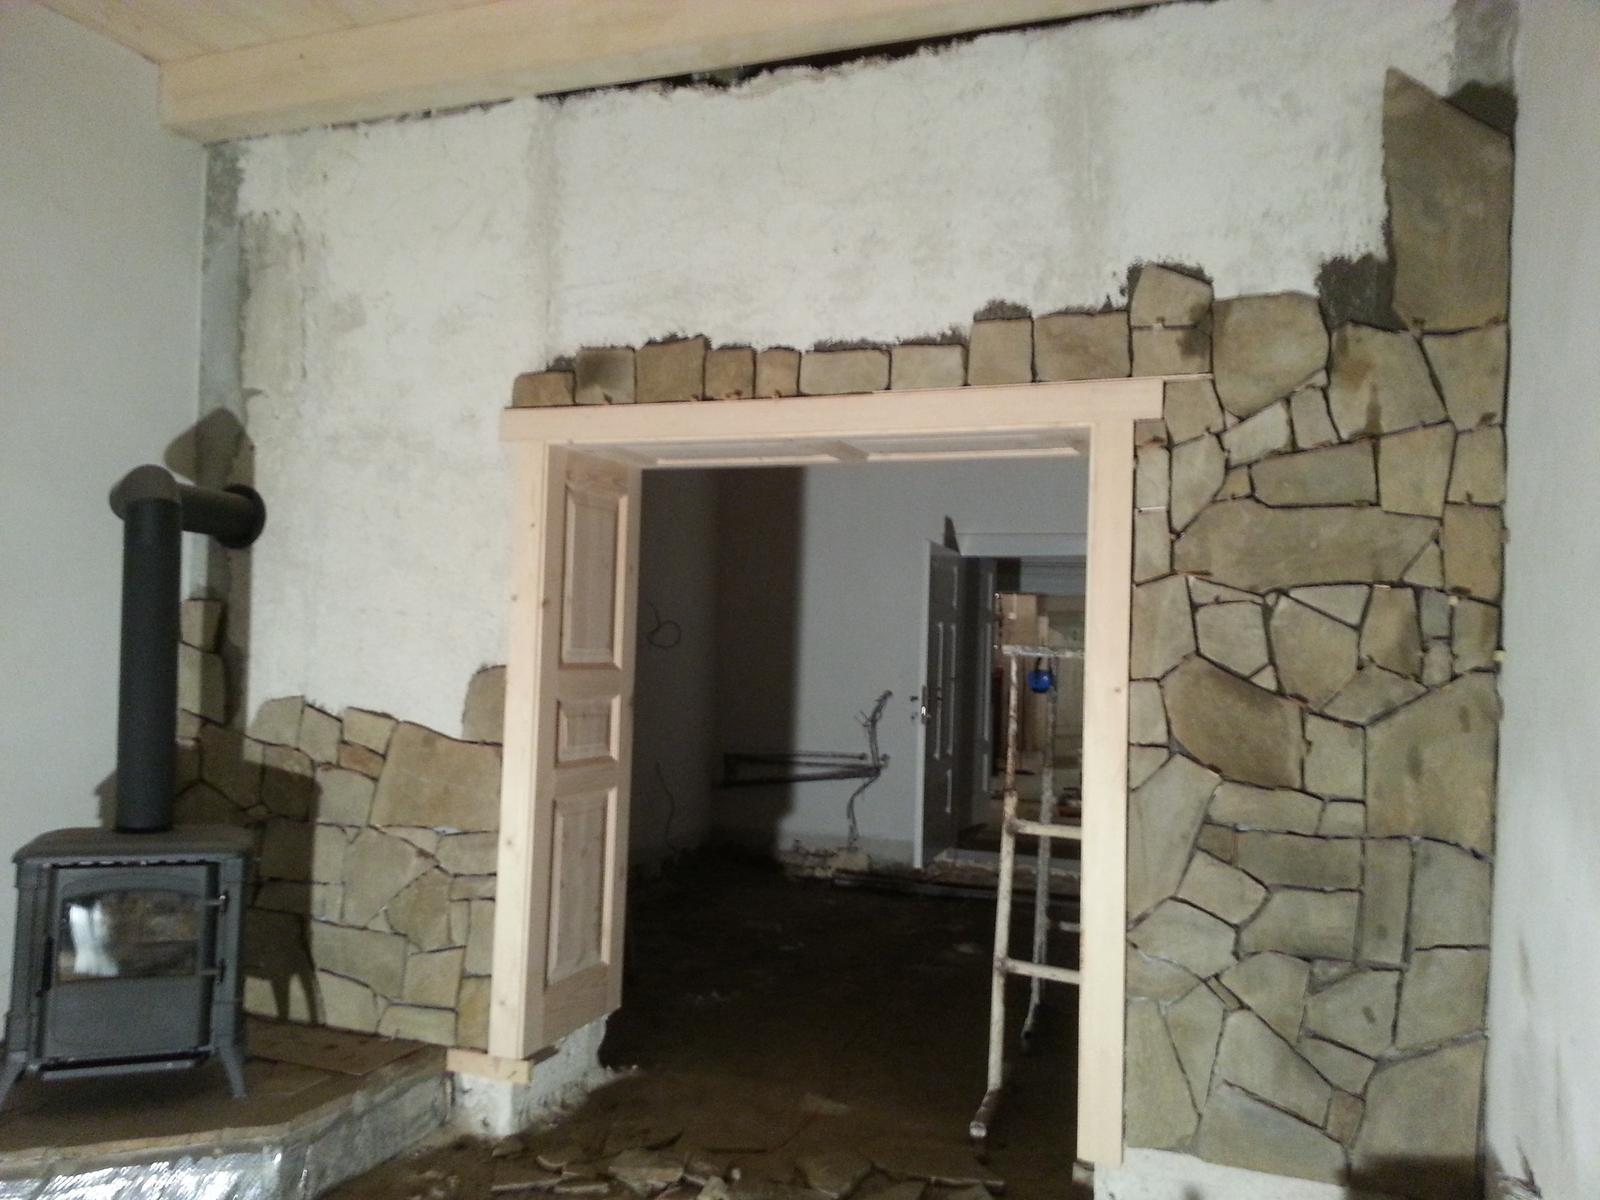 Rekonstrukcia  domu z 18- teho storocia - Obrázok č. 233